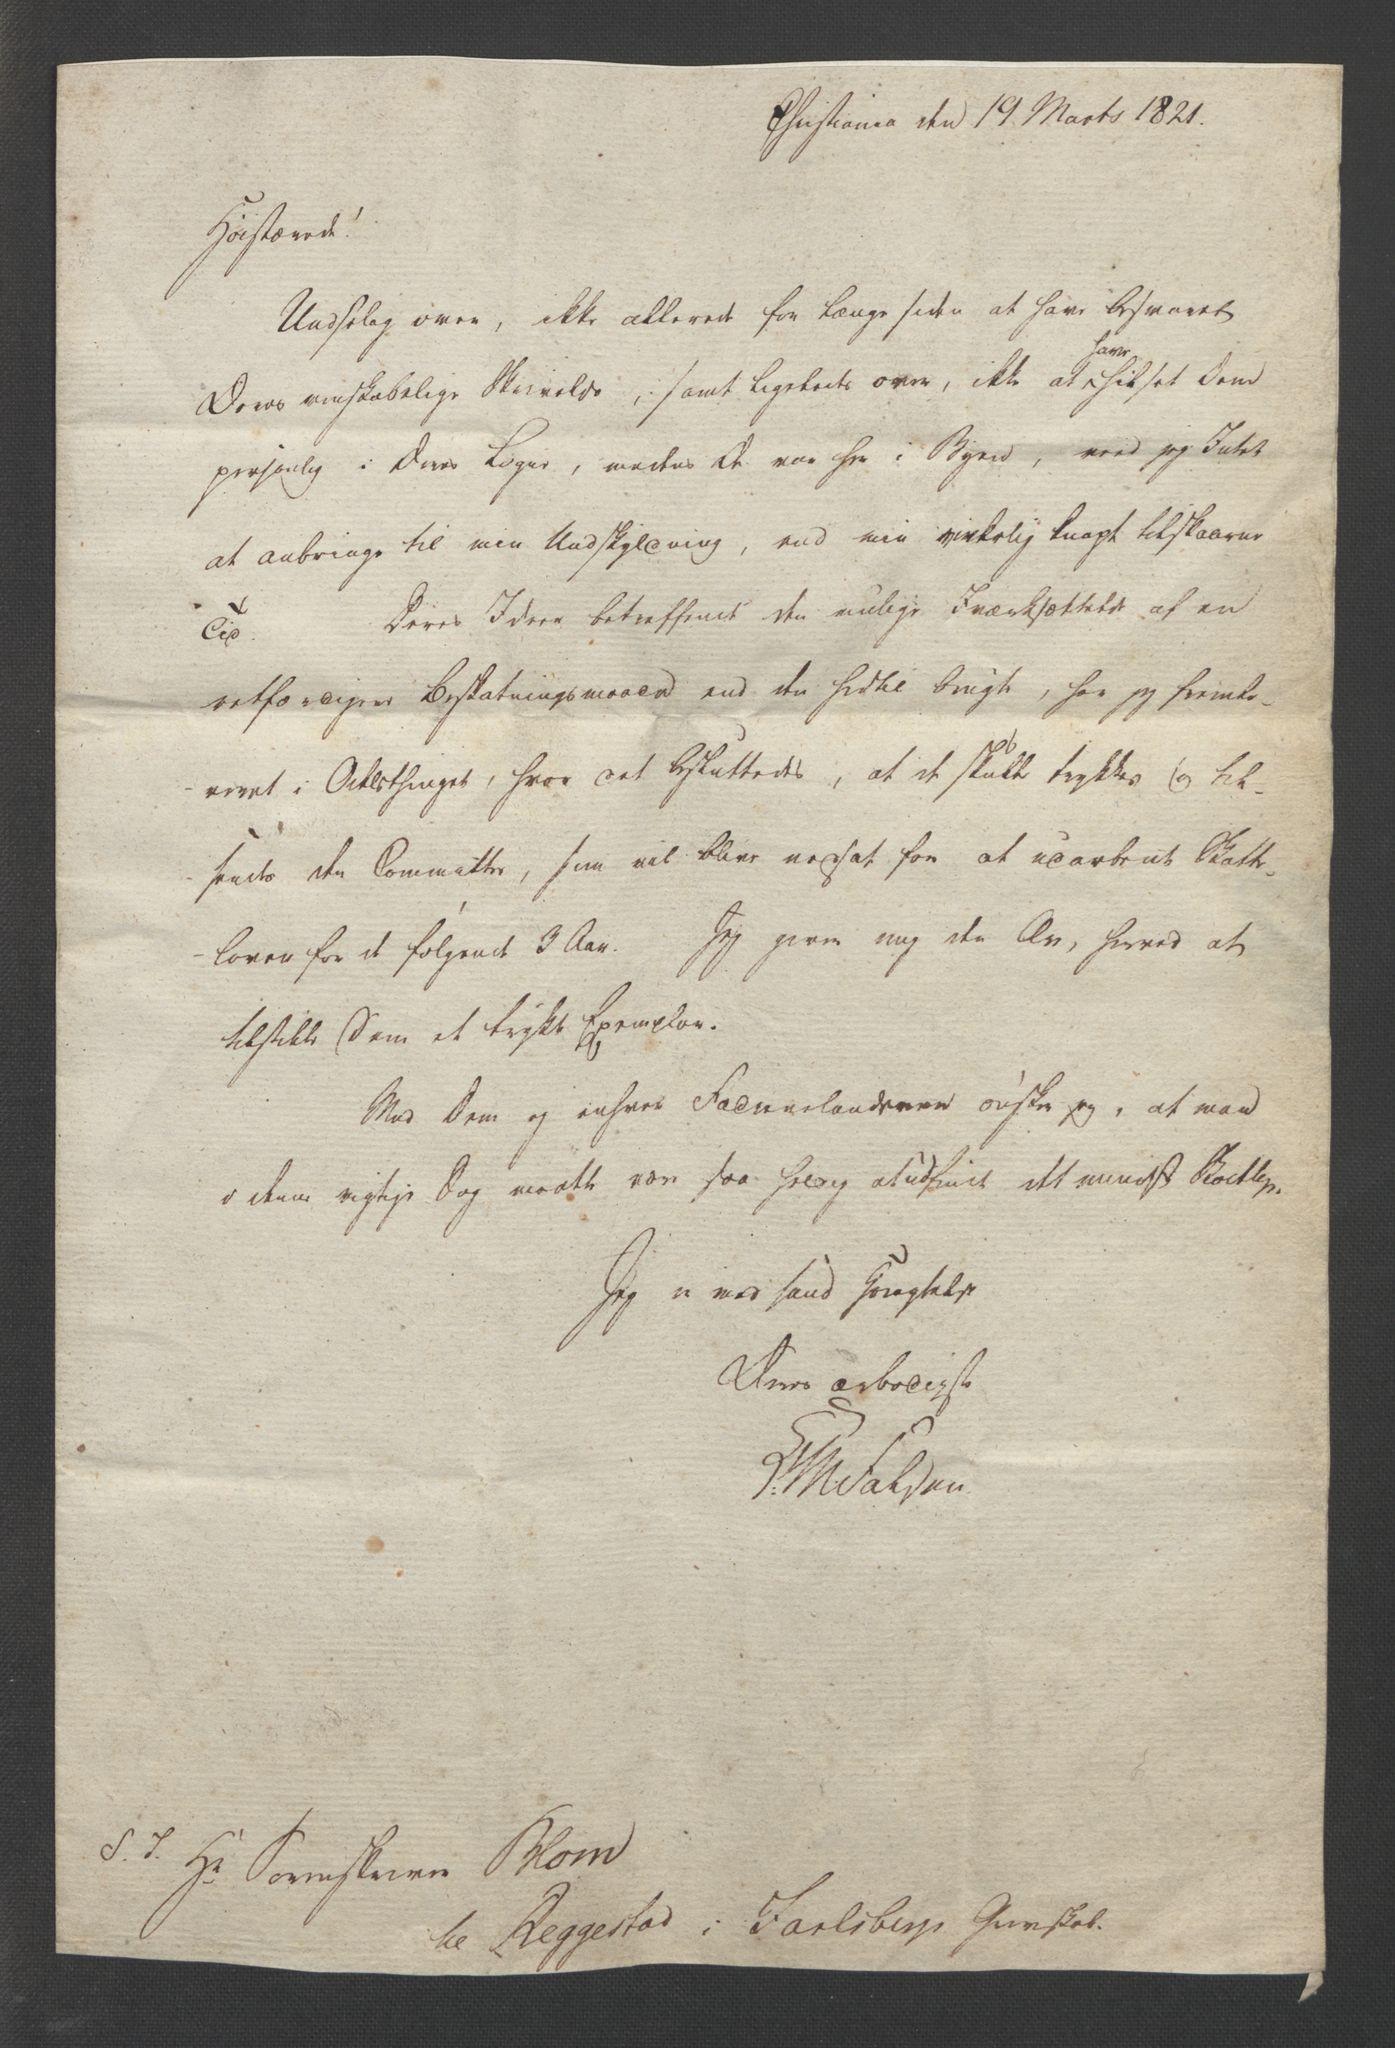 RA, Blom, Gustav Peter, F/L0002: Transkripsjoner, brev og manuskript, s. 3